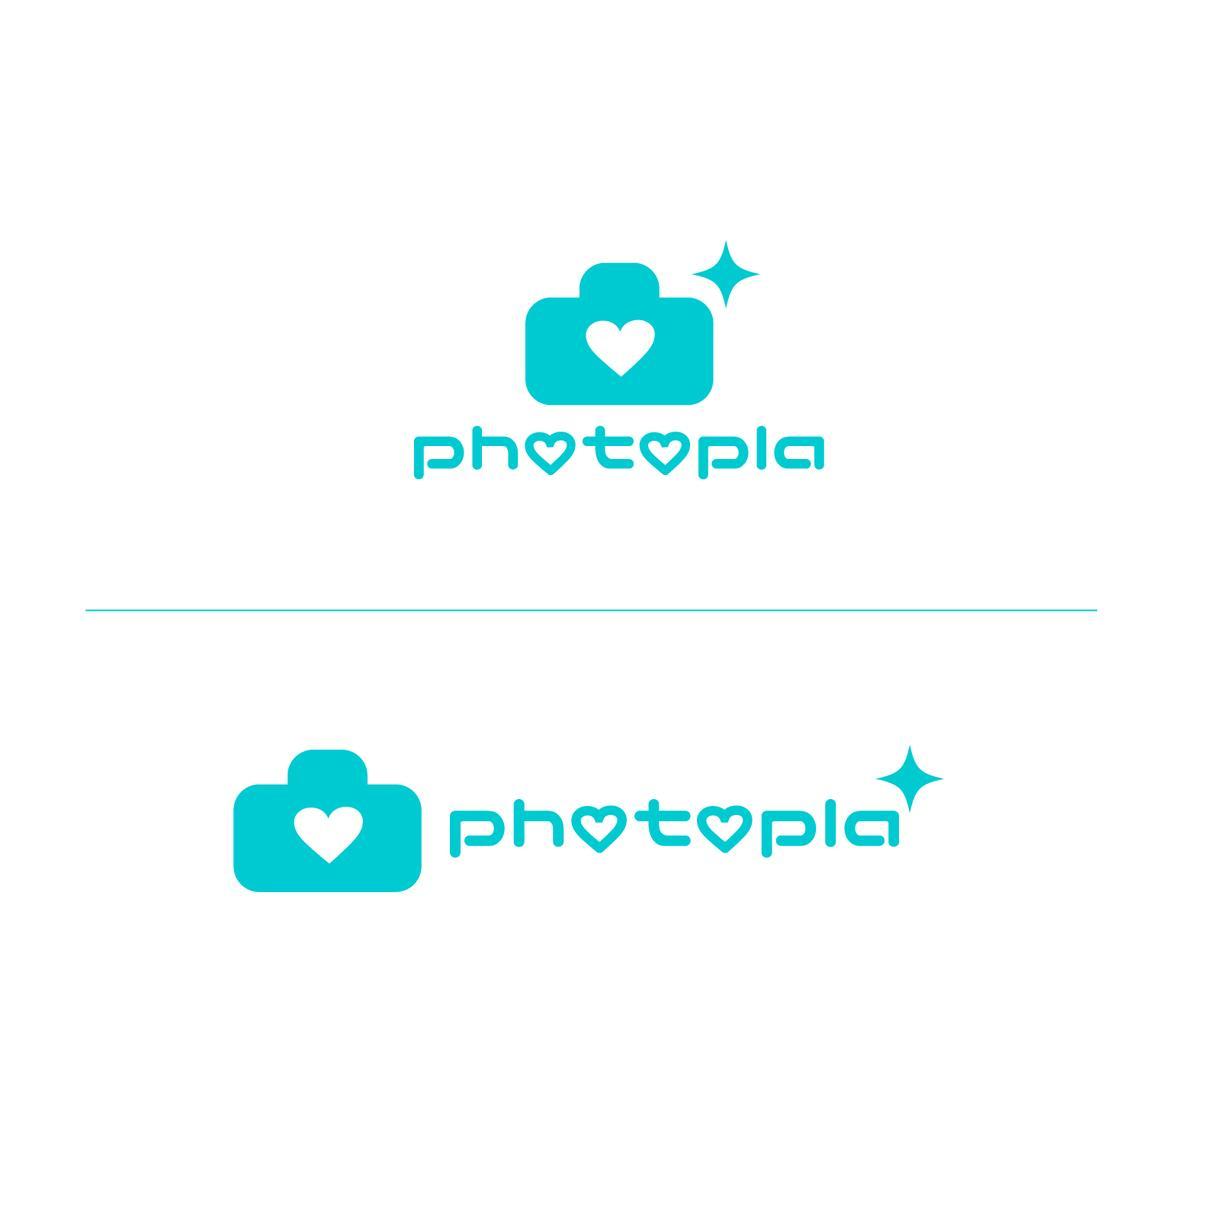 アーティスティックなブランドロゴデザインします 商標登録可!カッコいいブランドロゴデザインします!修正無制限